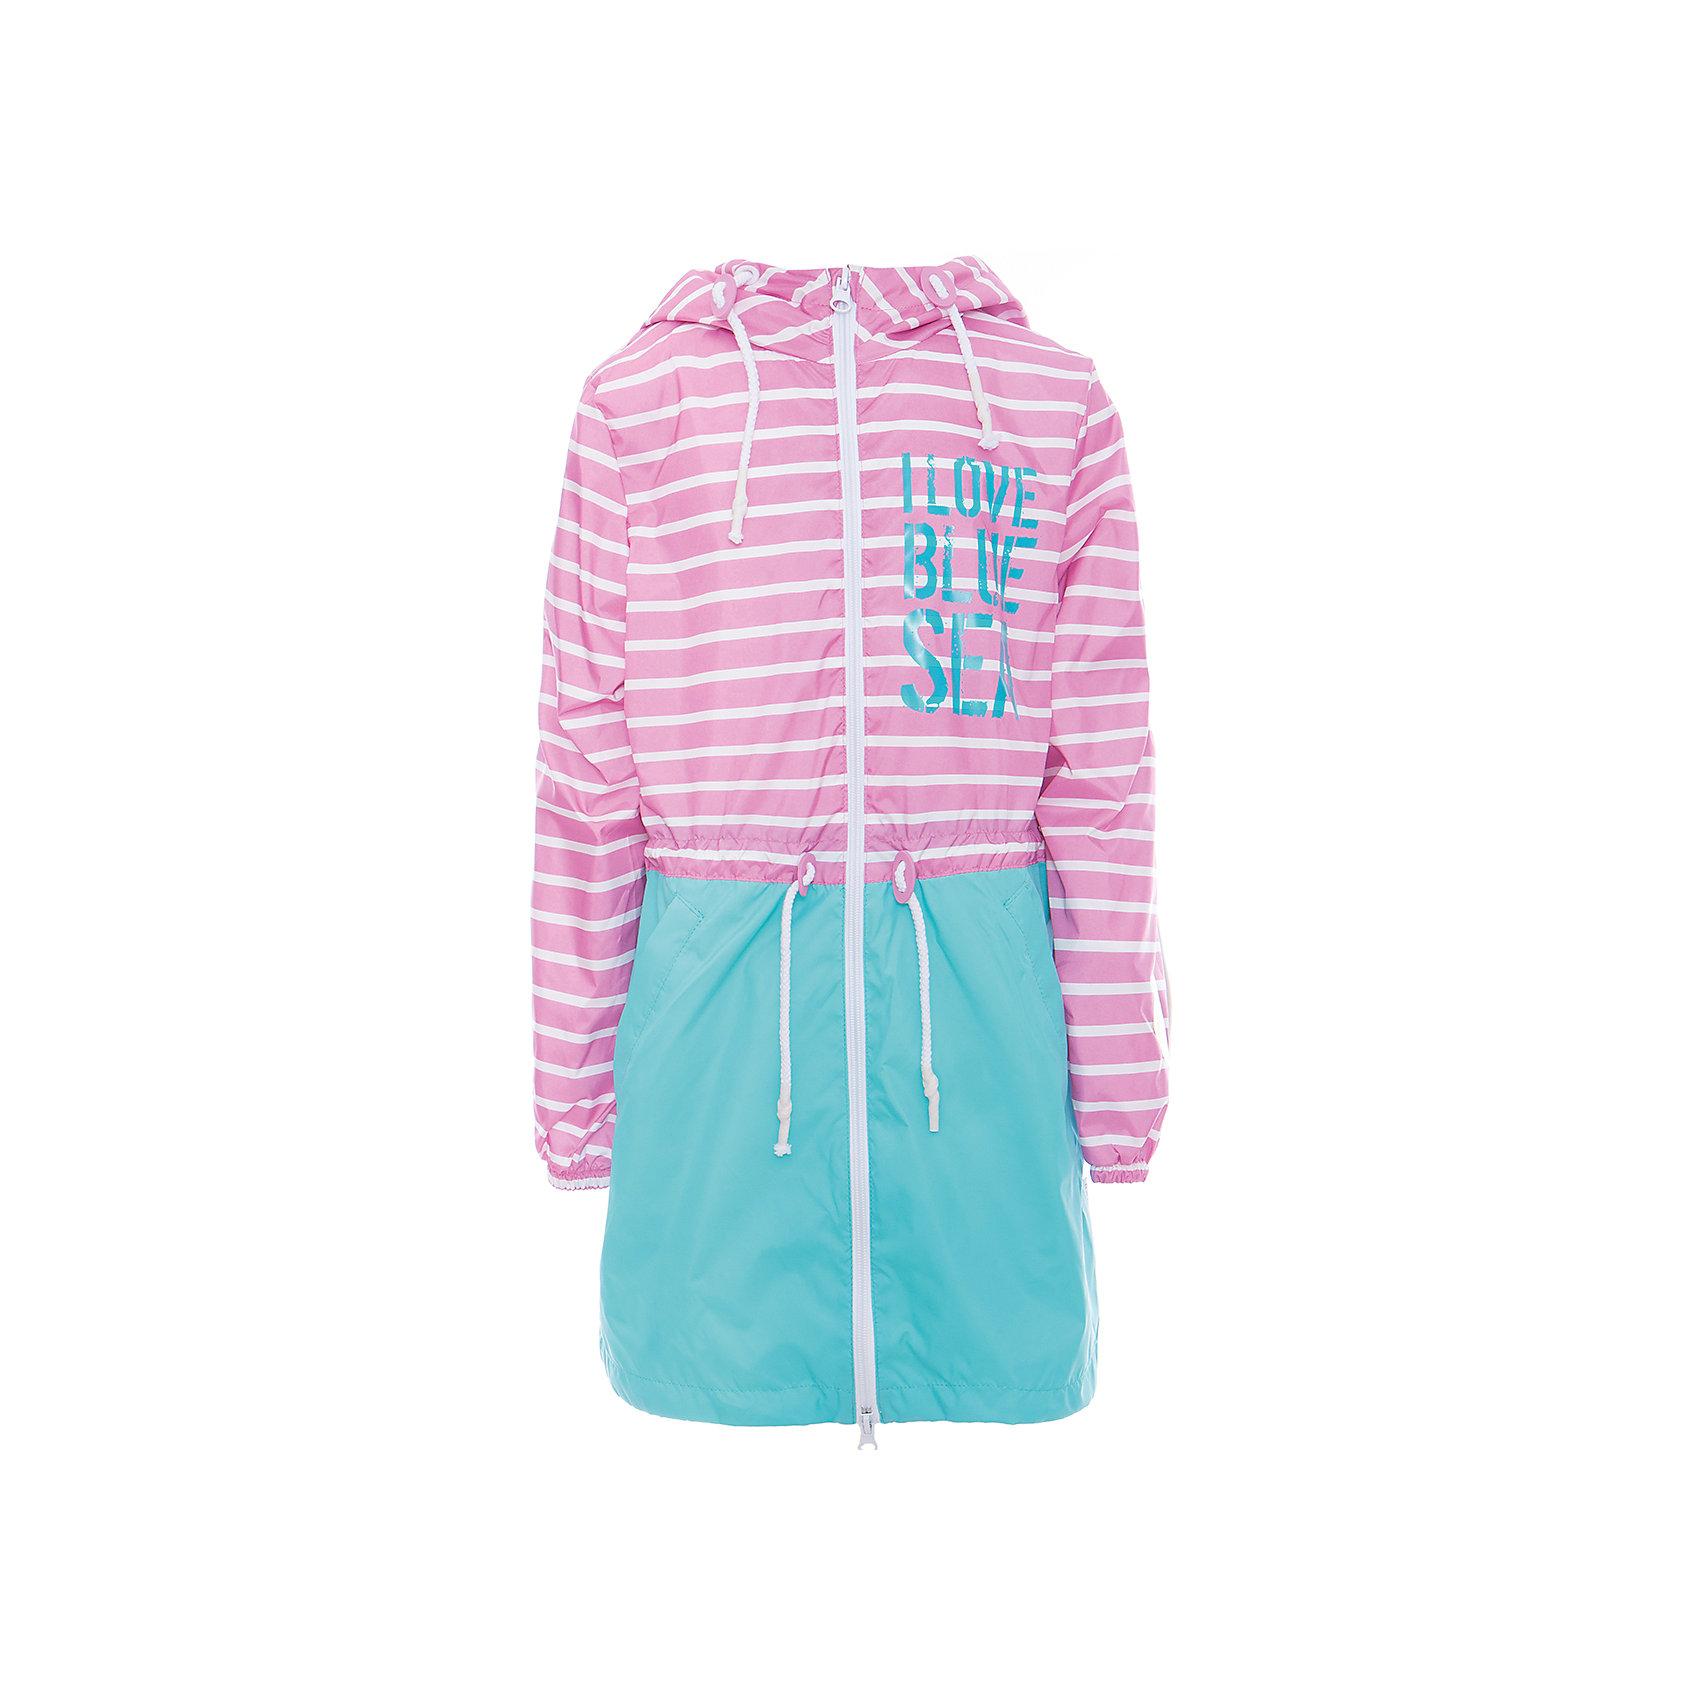 Плащ для девочки BOOM by OrbyВесенняя капель<br>Характеристики товара:<br><br>• цвет: розовый/бирюзовый<br>• состав: верх - таффета, подкладка - полиэстер, флис, без утеплителя<br>• температурный режим: от +7°до +15°С<br>• демисезон<br>• капюшон<br>• застежка - молния<br>• декорирован принт<br>• утяжка в капюшоне<br>• шнурок в поясе<br>• комфортная посадка<br>• страна производства: Российская Федерация<br>• страна бренда: Российская Федерация<br>• коллекция: весна-лето 2017<br><br>Такой плащ - универсальный вариант для теплого межсезонья с постоянно меняющейся погодой. Эта модель - модная и удобная одновременно! Изделие отличается стильным ярким дизайном. Плащ хорошо сидит по фигуре, отлично сочетается с различным низом. Вещь была разработана специально для детей.<br><br>Одежда от российского бренда BOOM by Orby уже завоевала популярностью у многих детей и их родителей. Вещи, выпускаемые компанией, качественные, продуманные и очень удобные. Для производства коллекций используются только безопасные для детей материалы. Спешите приобрести модели из новой коллекции Весна-лето 2017!<br><br>Плащ для девочки от бренда BOOM by Orby можно купить в нашем интернет-магазине.<br><br>Ширина мм: 356<br>Глубина мм: 10<br>Высота мм: 245<br>Вес г: 519<br>Цвет: розовый<br>Возраст от месяцев: 108<br>Возраст до месяцев: 120<br>Пол: Женский<br>Возраст: Детский<br>Размер: 140,116,122,104,128,134,110,146,92,152,158,98<br>SKU: 5343877